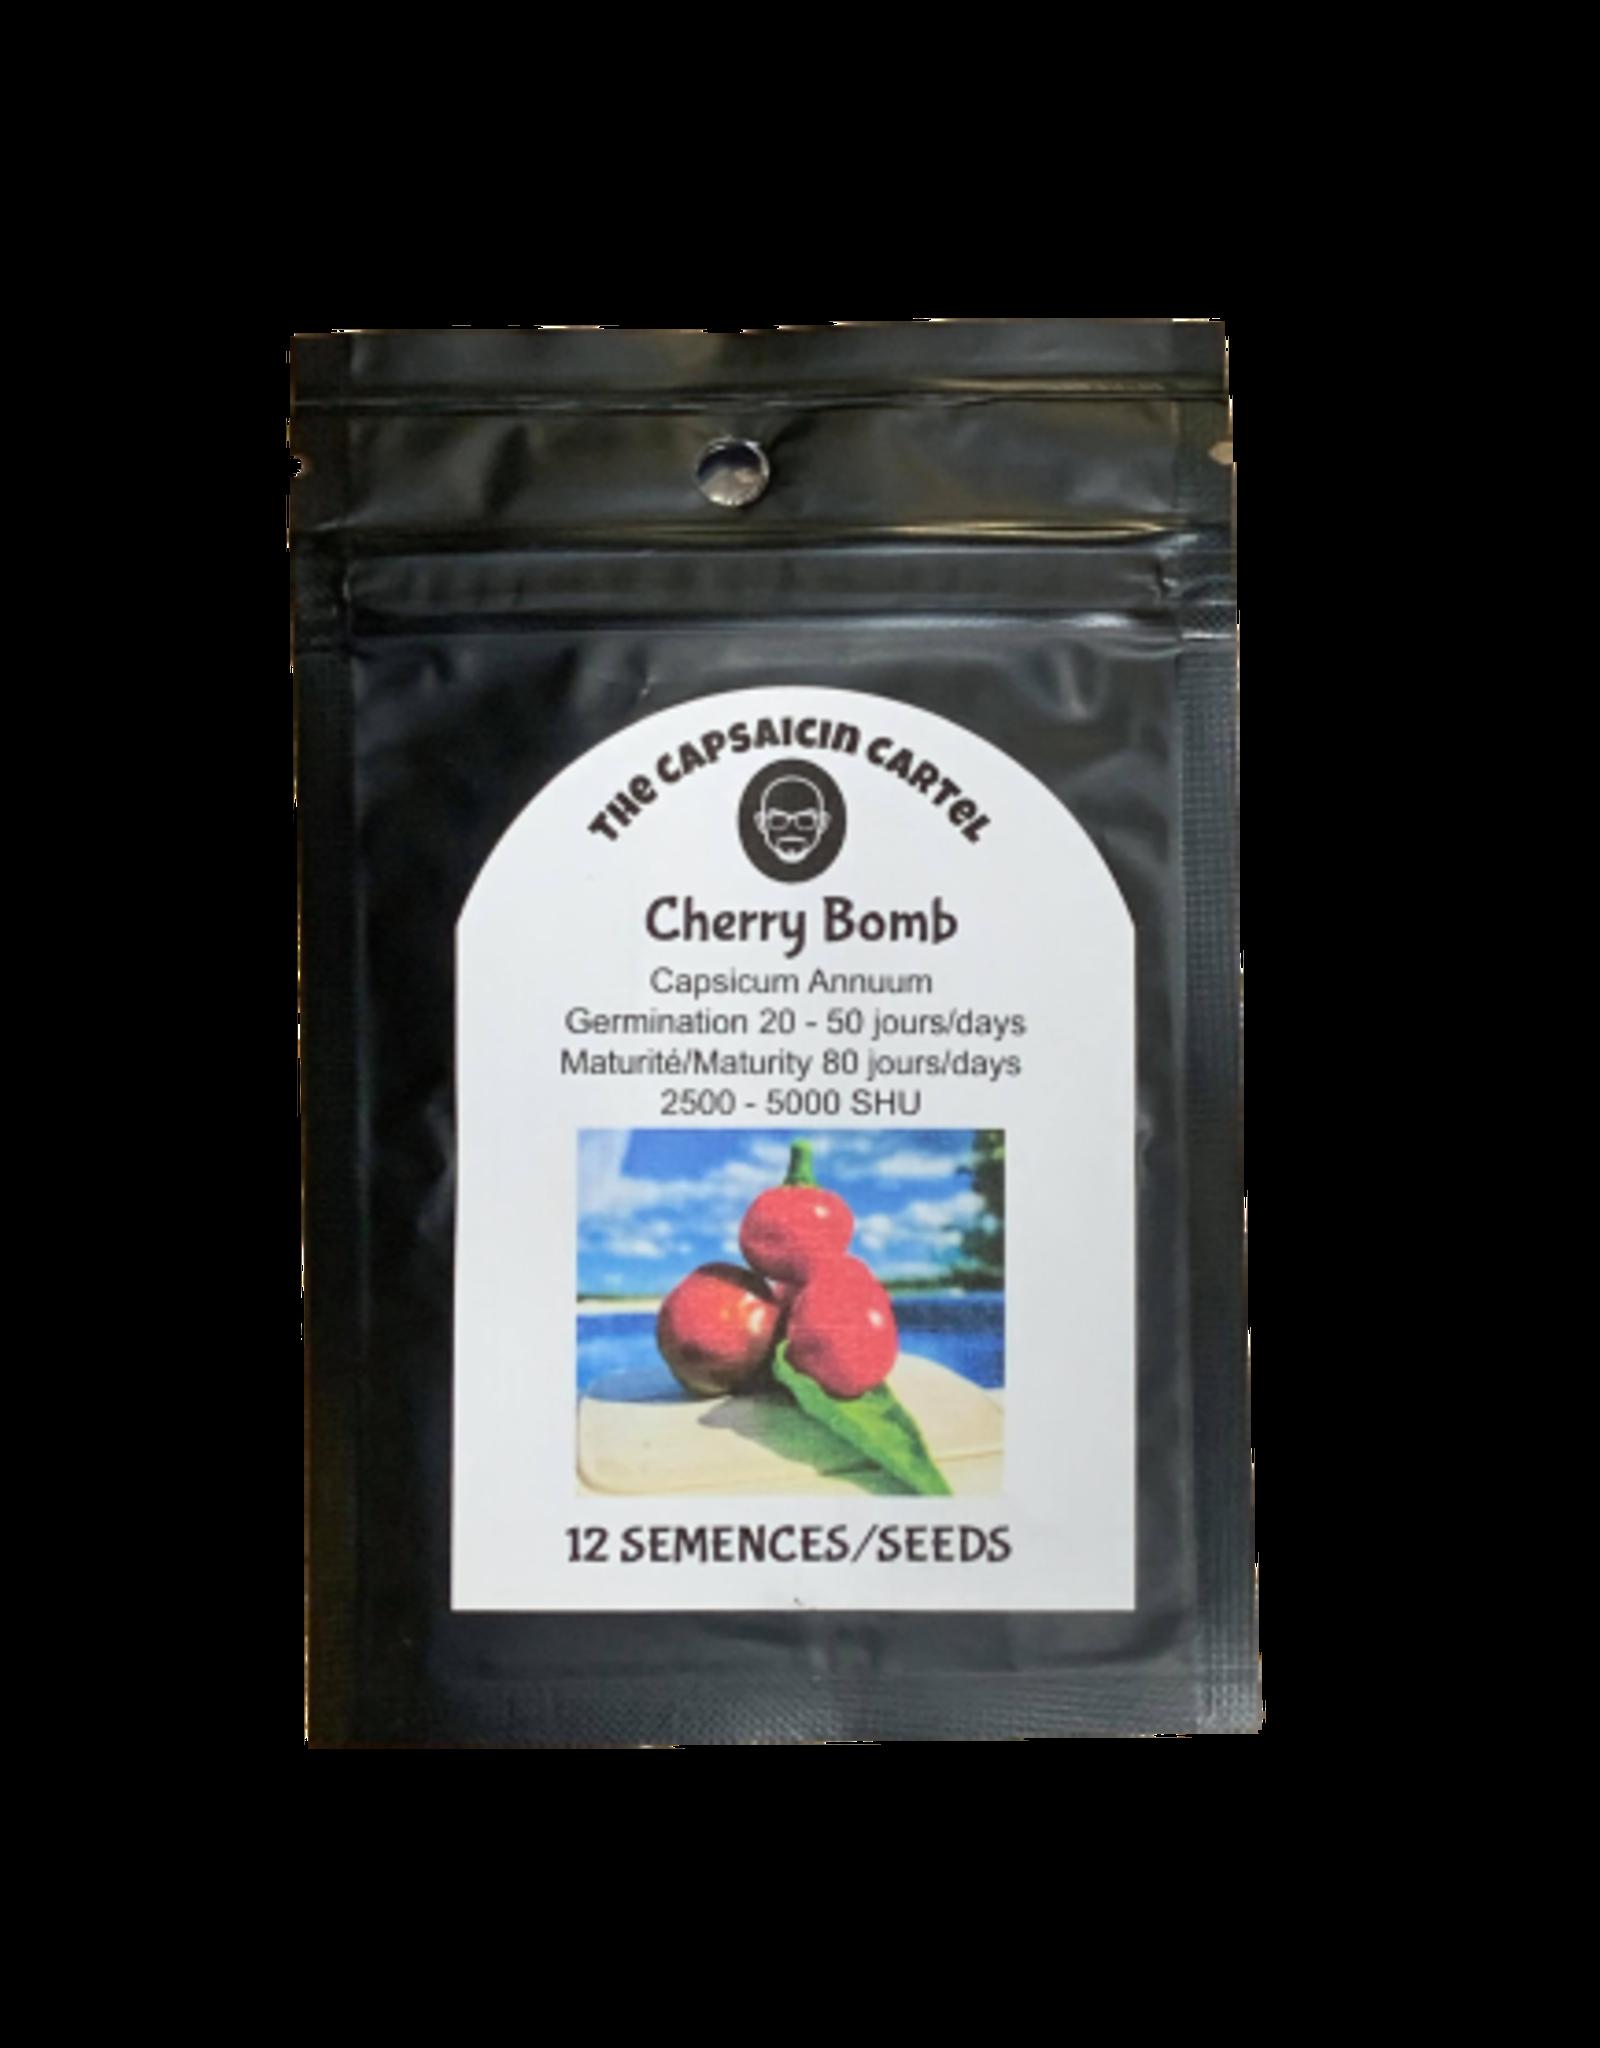 12 Semences  Cherry Bomb